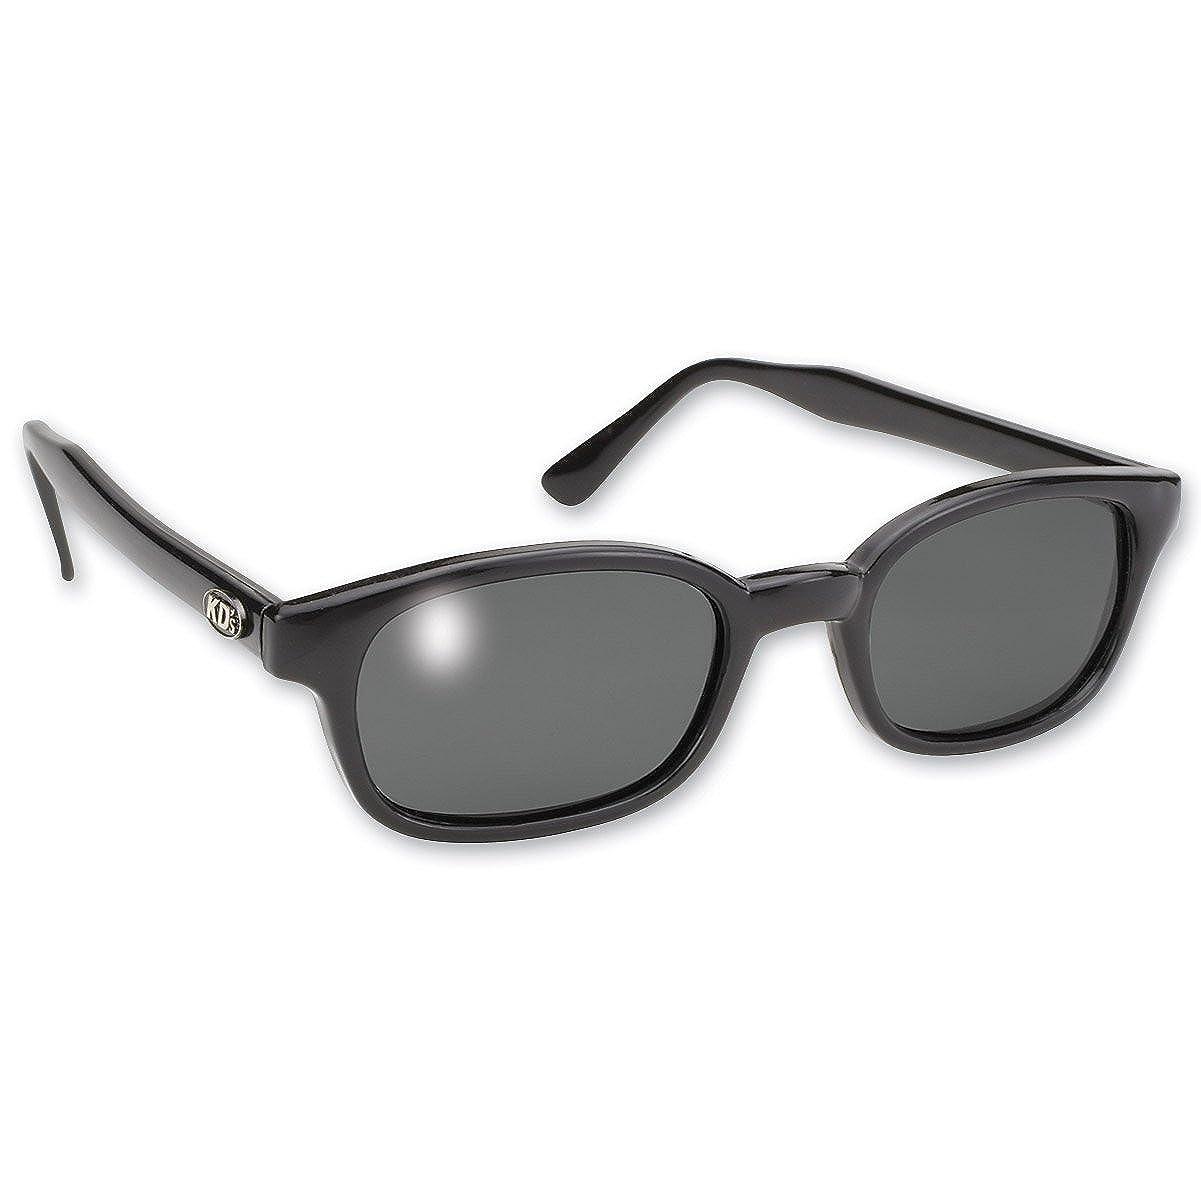 Original KD - Occhiali da sole da motociclista, modello uguale a quello indossato da Jax Teller nella serie TV Sons of Anarchy, grigio polarizzato Pacific Coast Sunglasses INC